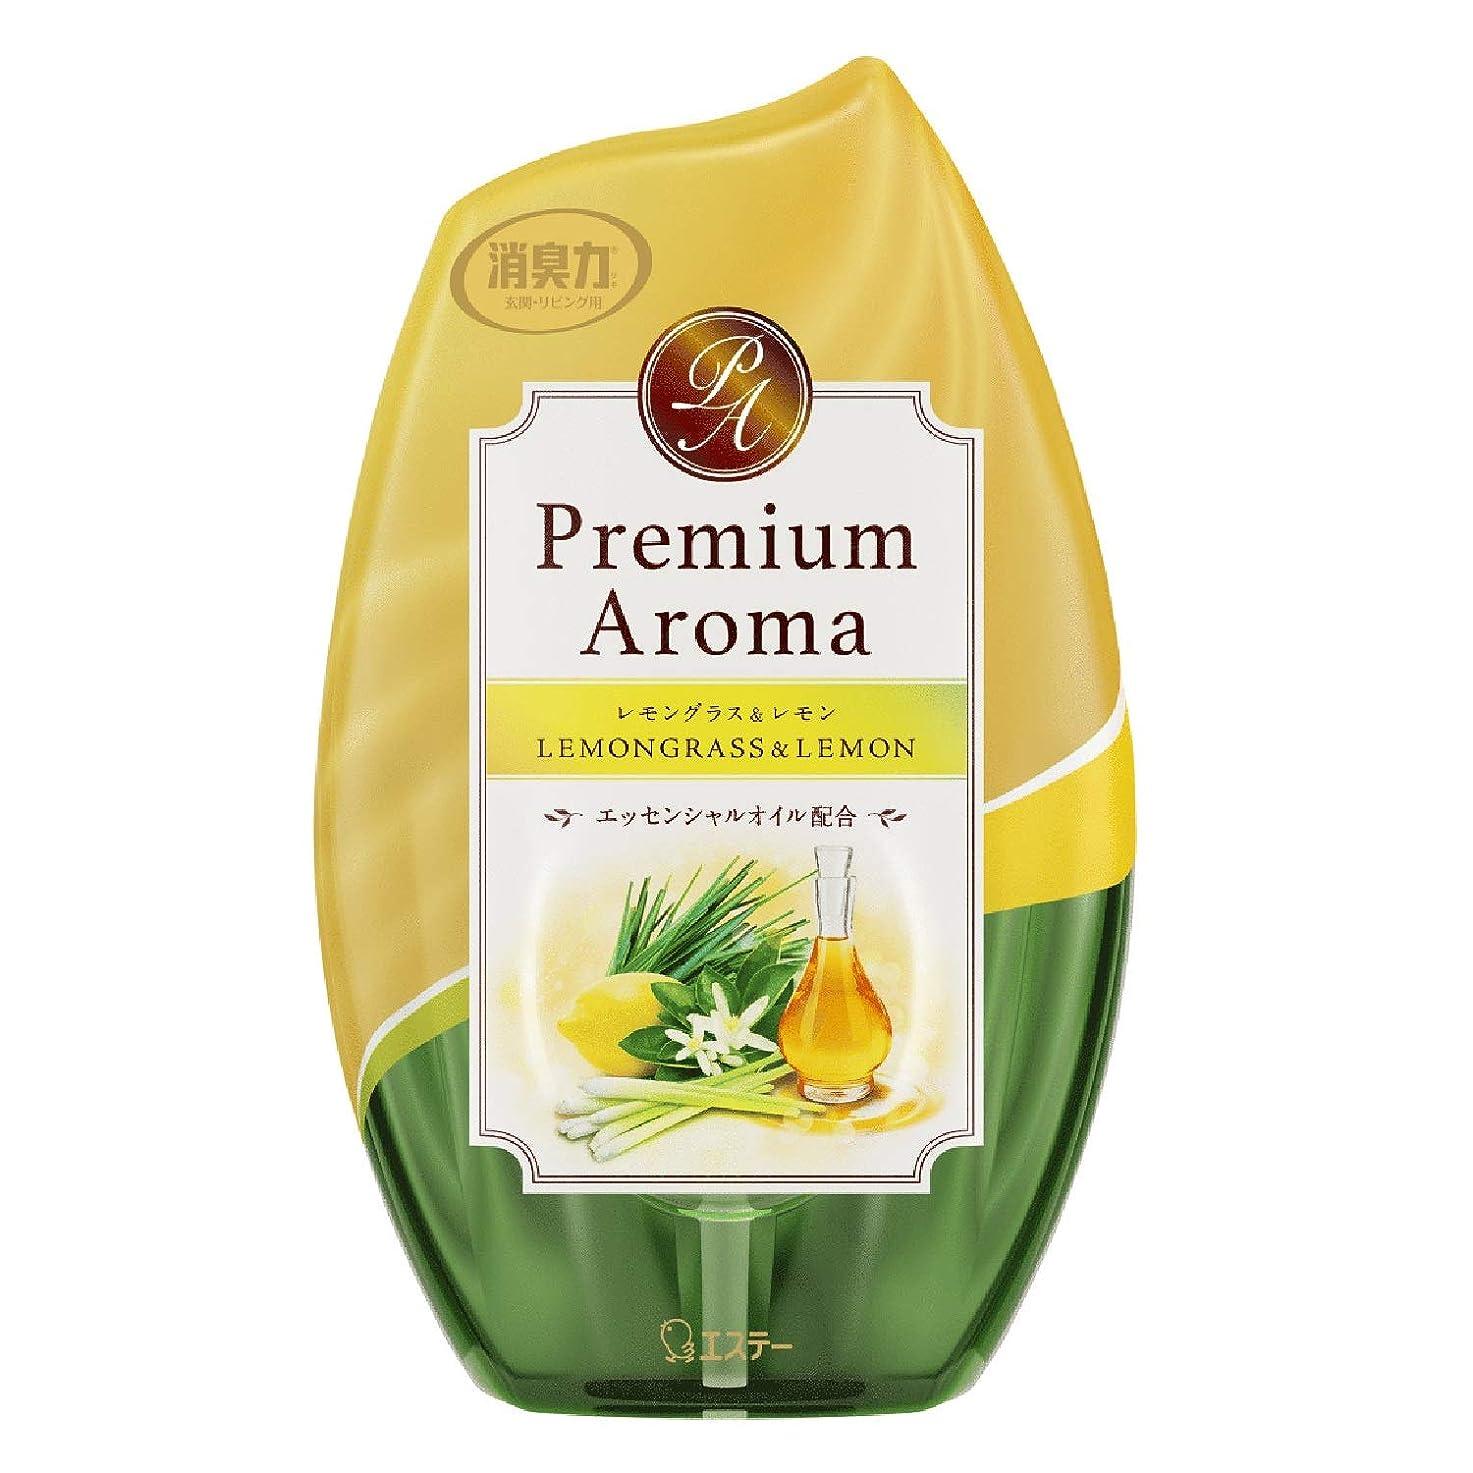 パシフィック無数の快適お部屋の消臭力 Premium Aroma プレミアムアロマ 消臭芳香剤 玄関?部屋用 レモングラス&レモン 400mL